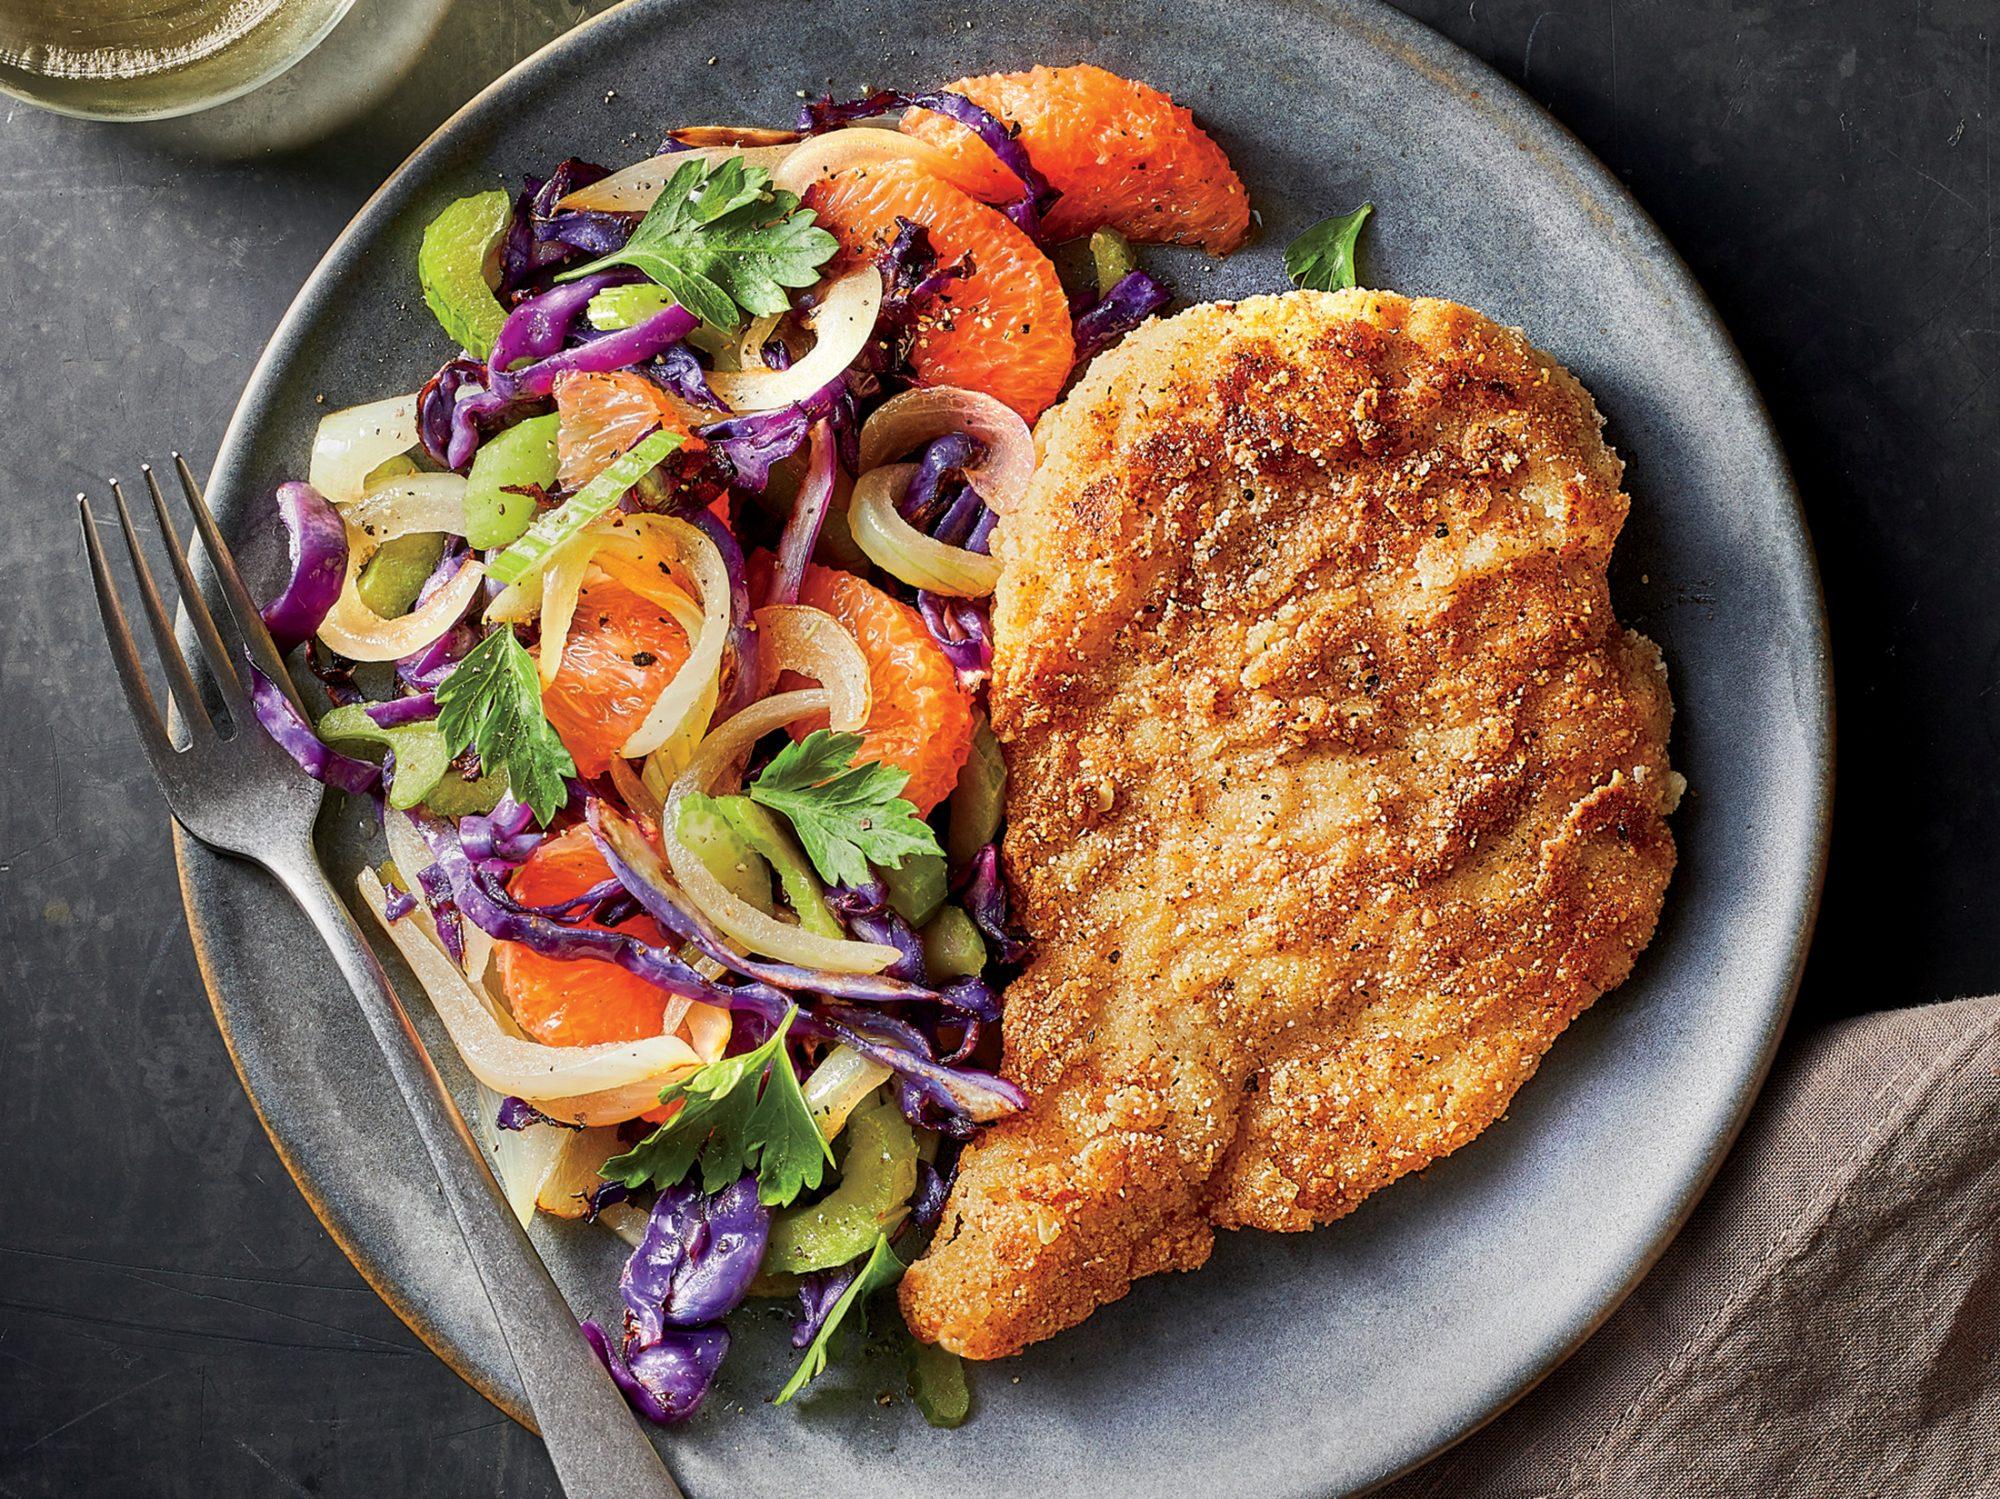 Chicken Schnitzel with Grapefruit-Celery Slaw